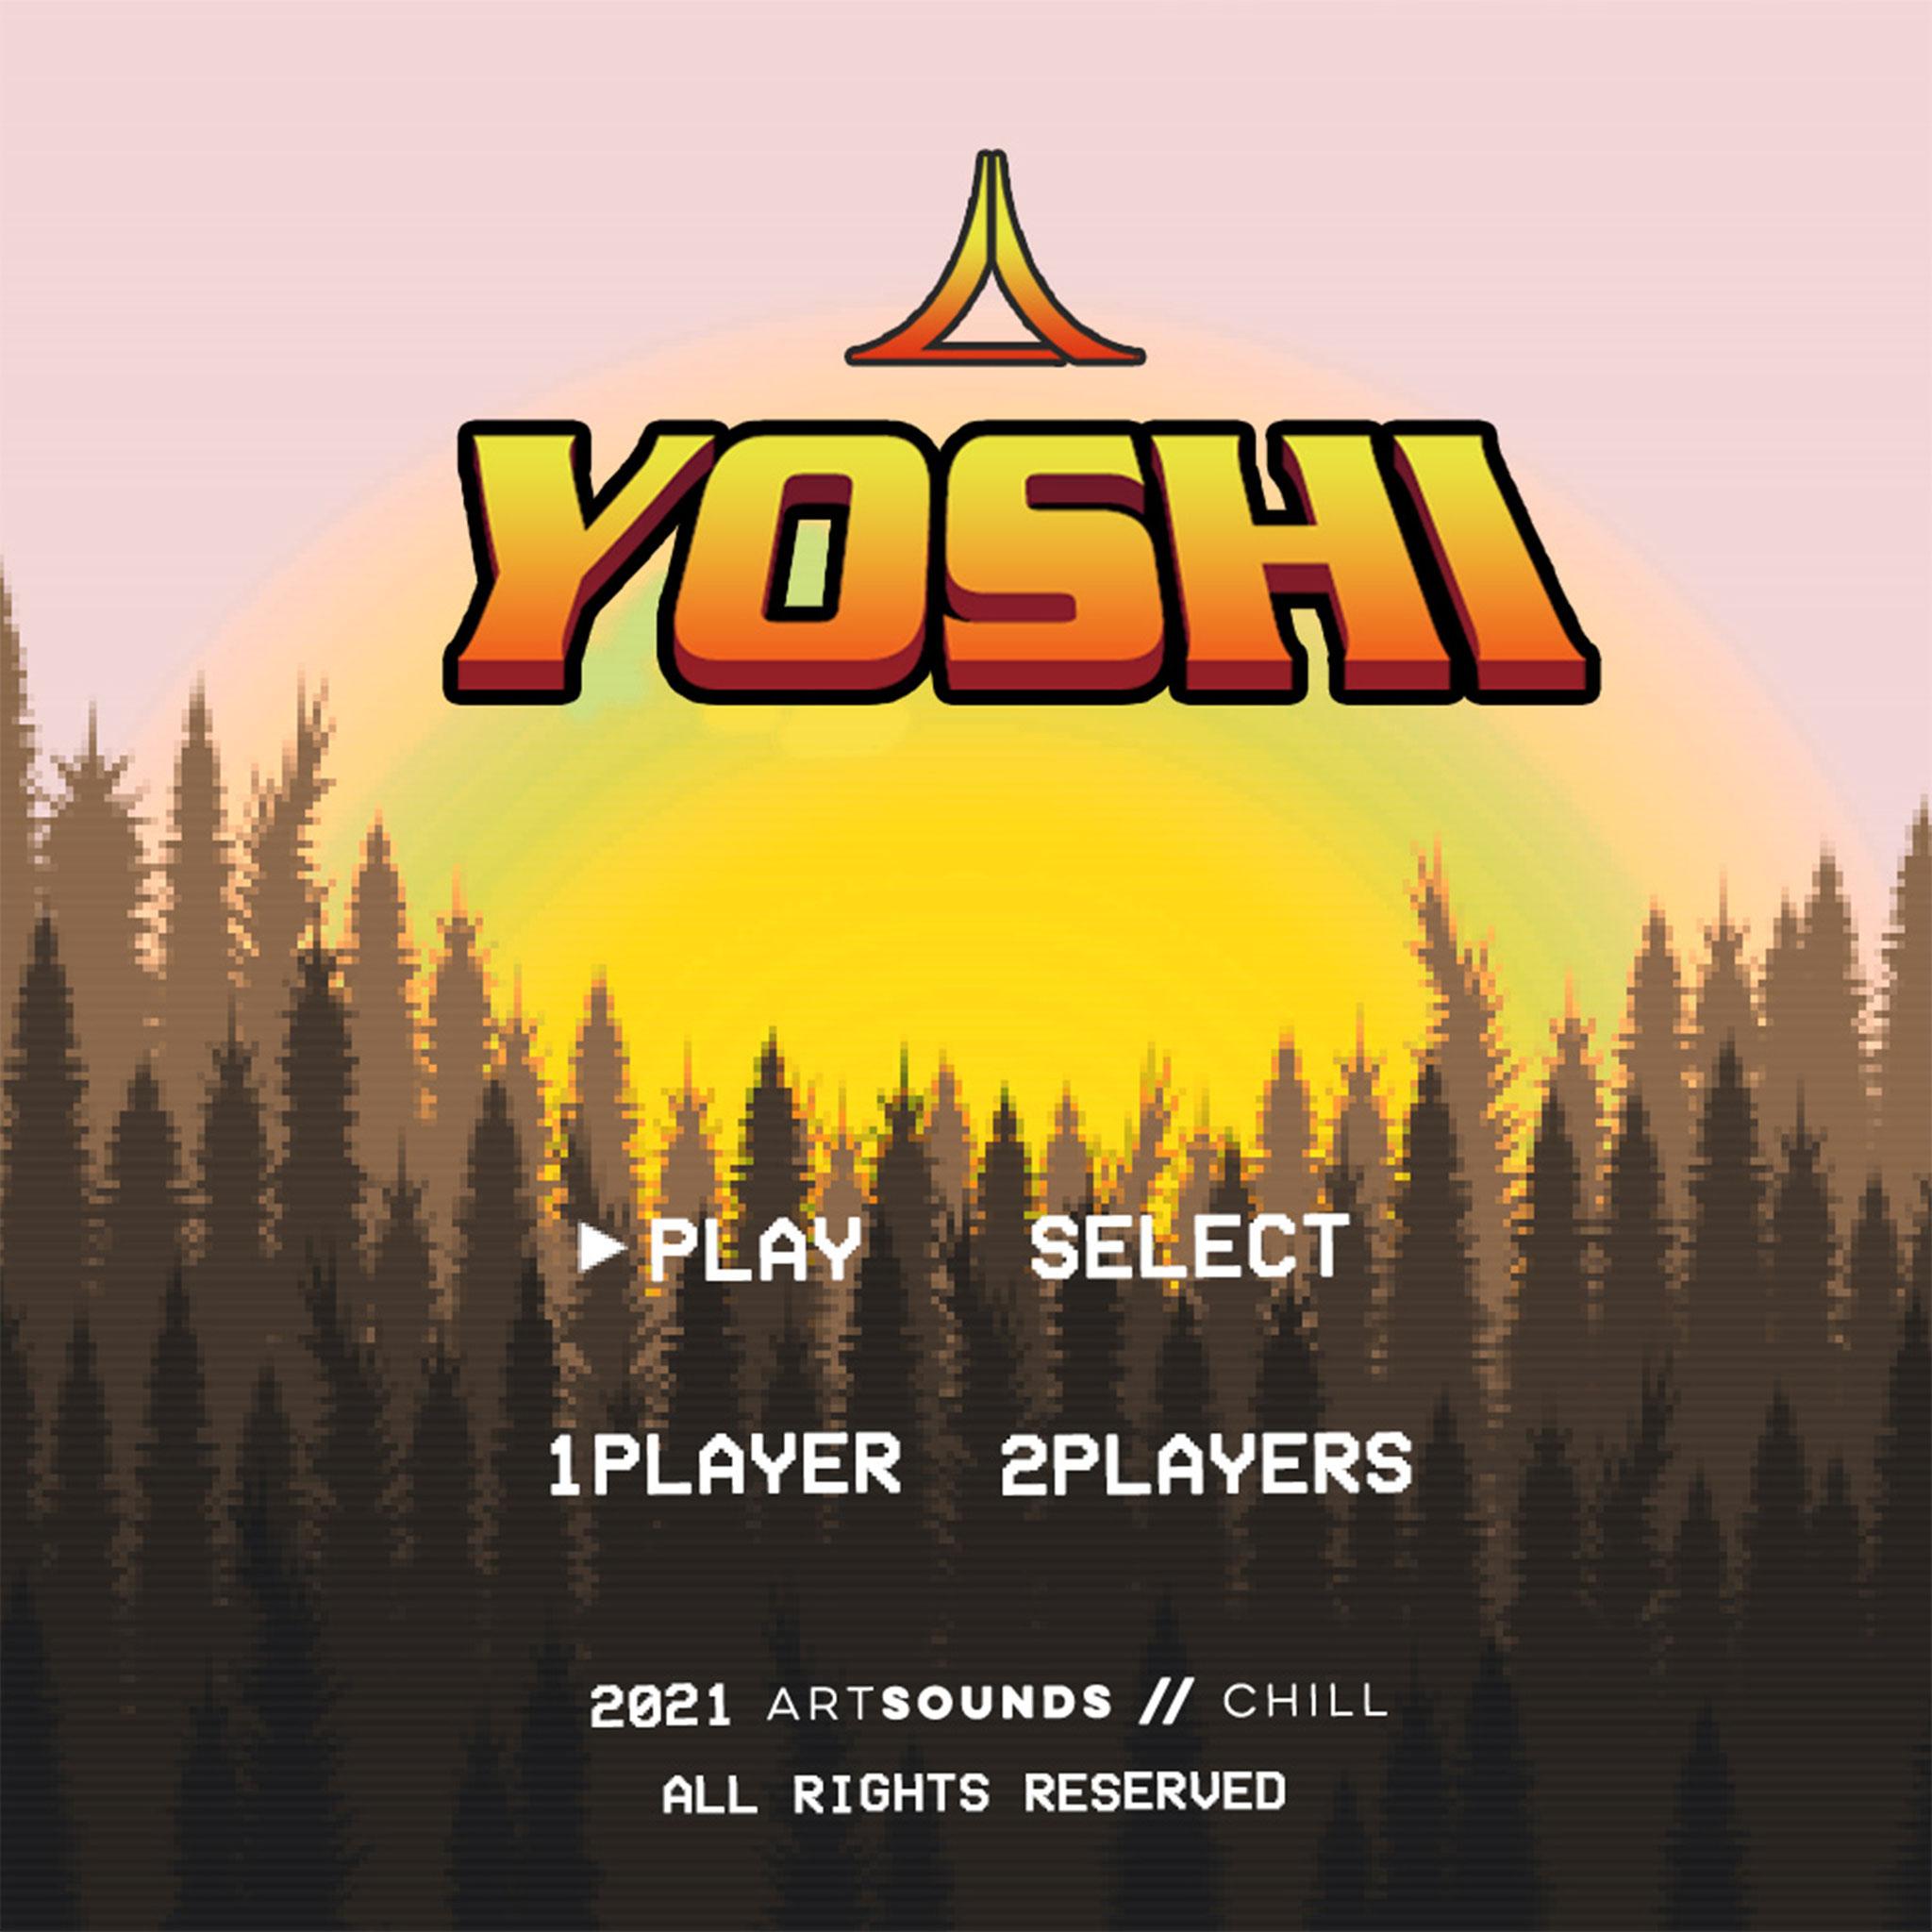 Yoshi - Beat by Matsuyama / Artsounds